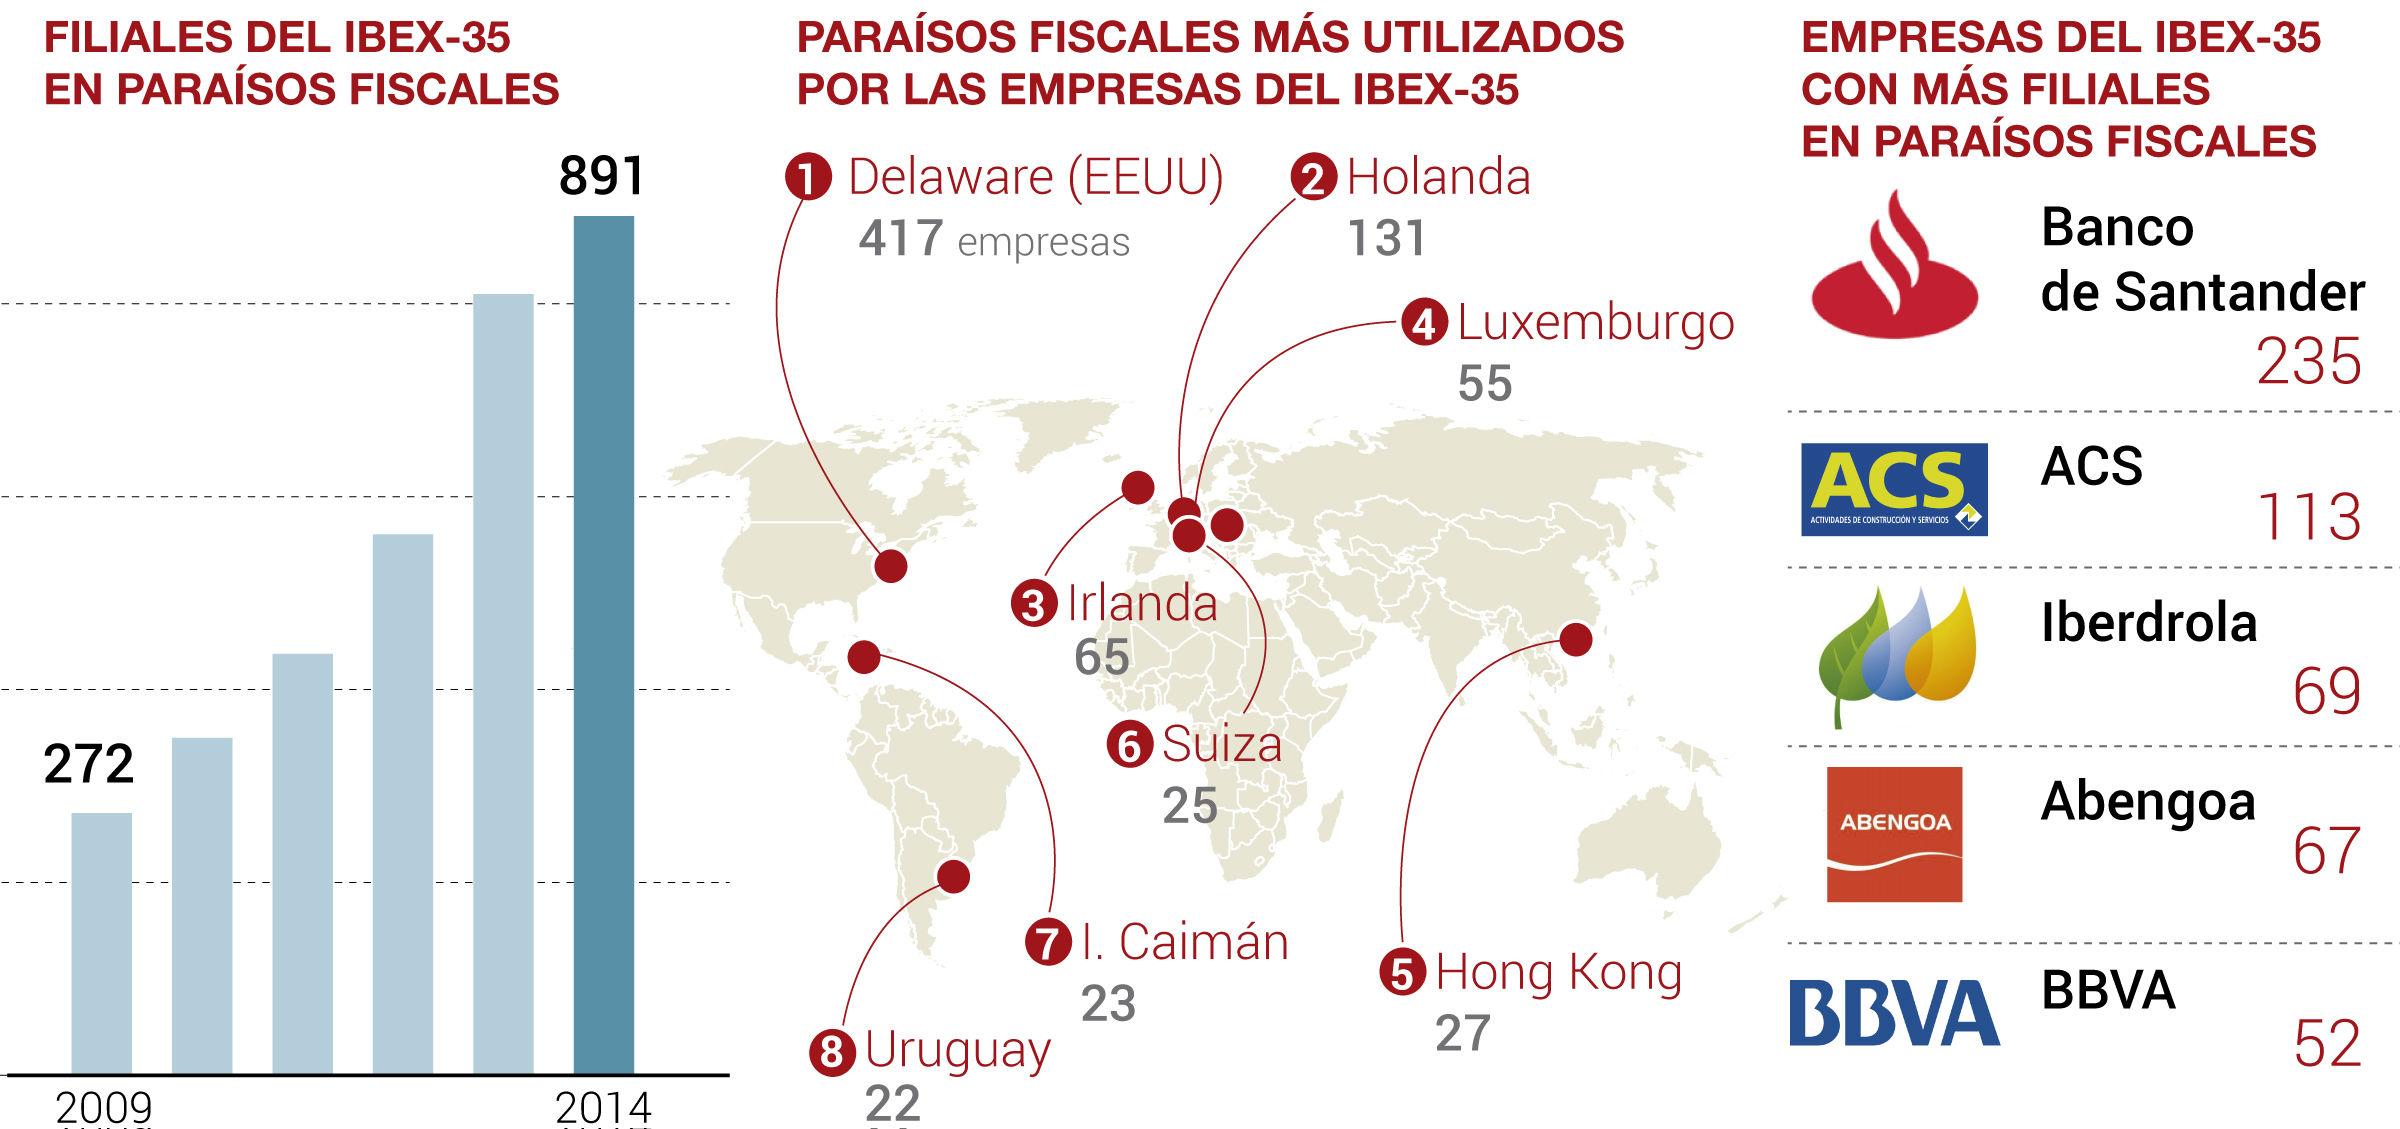 Las empresas del Ibex 35 acumulan 891 filiales en paraísos fiscales